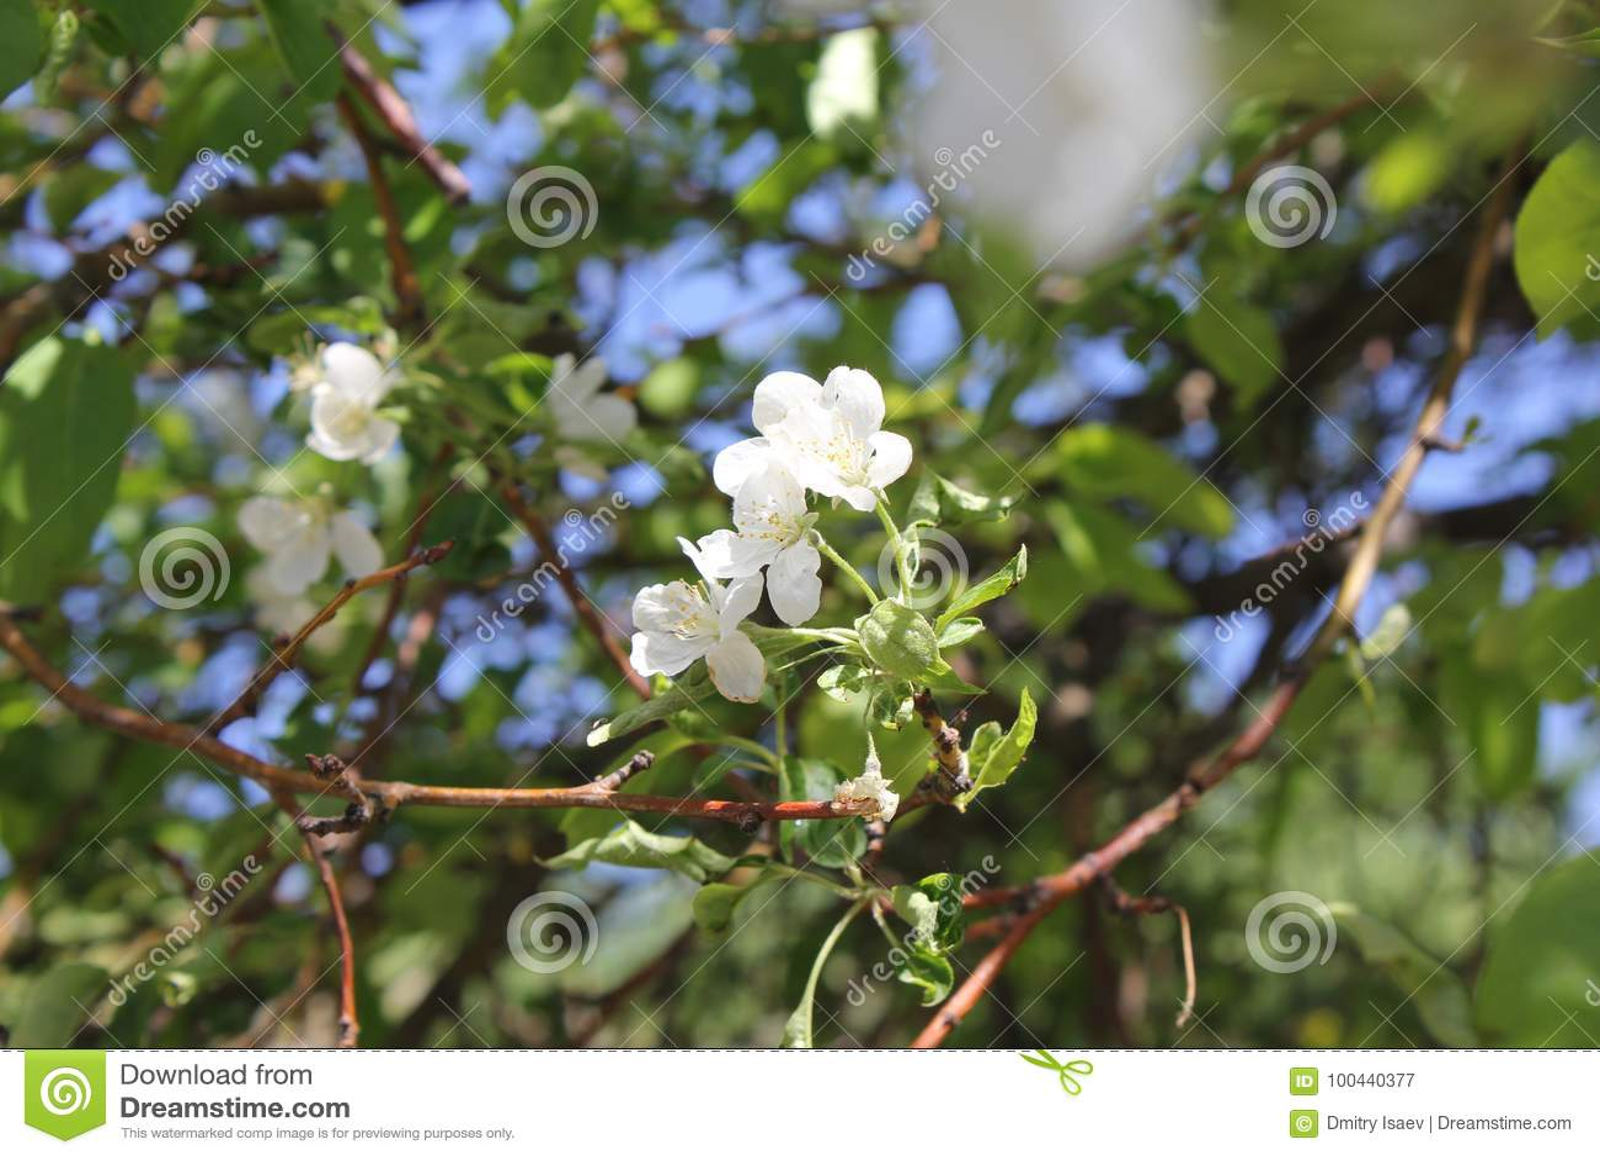 在开花的苹果树有白花的30658